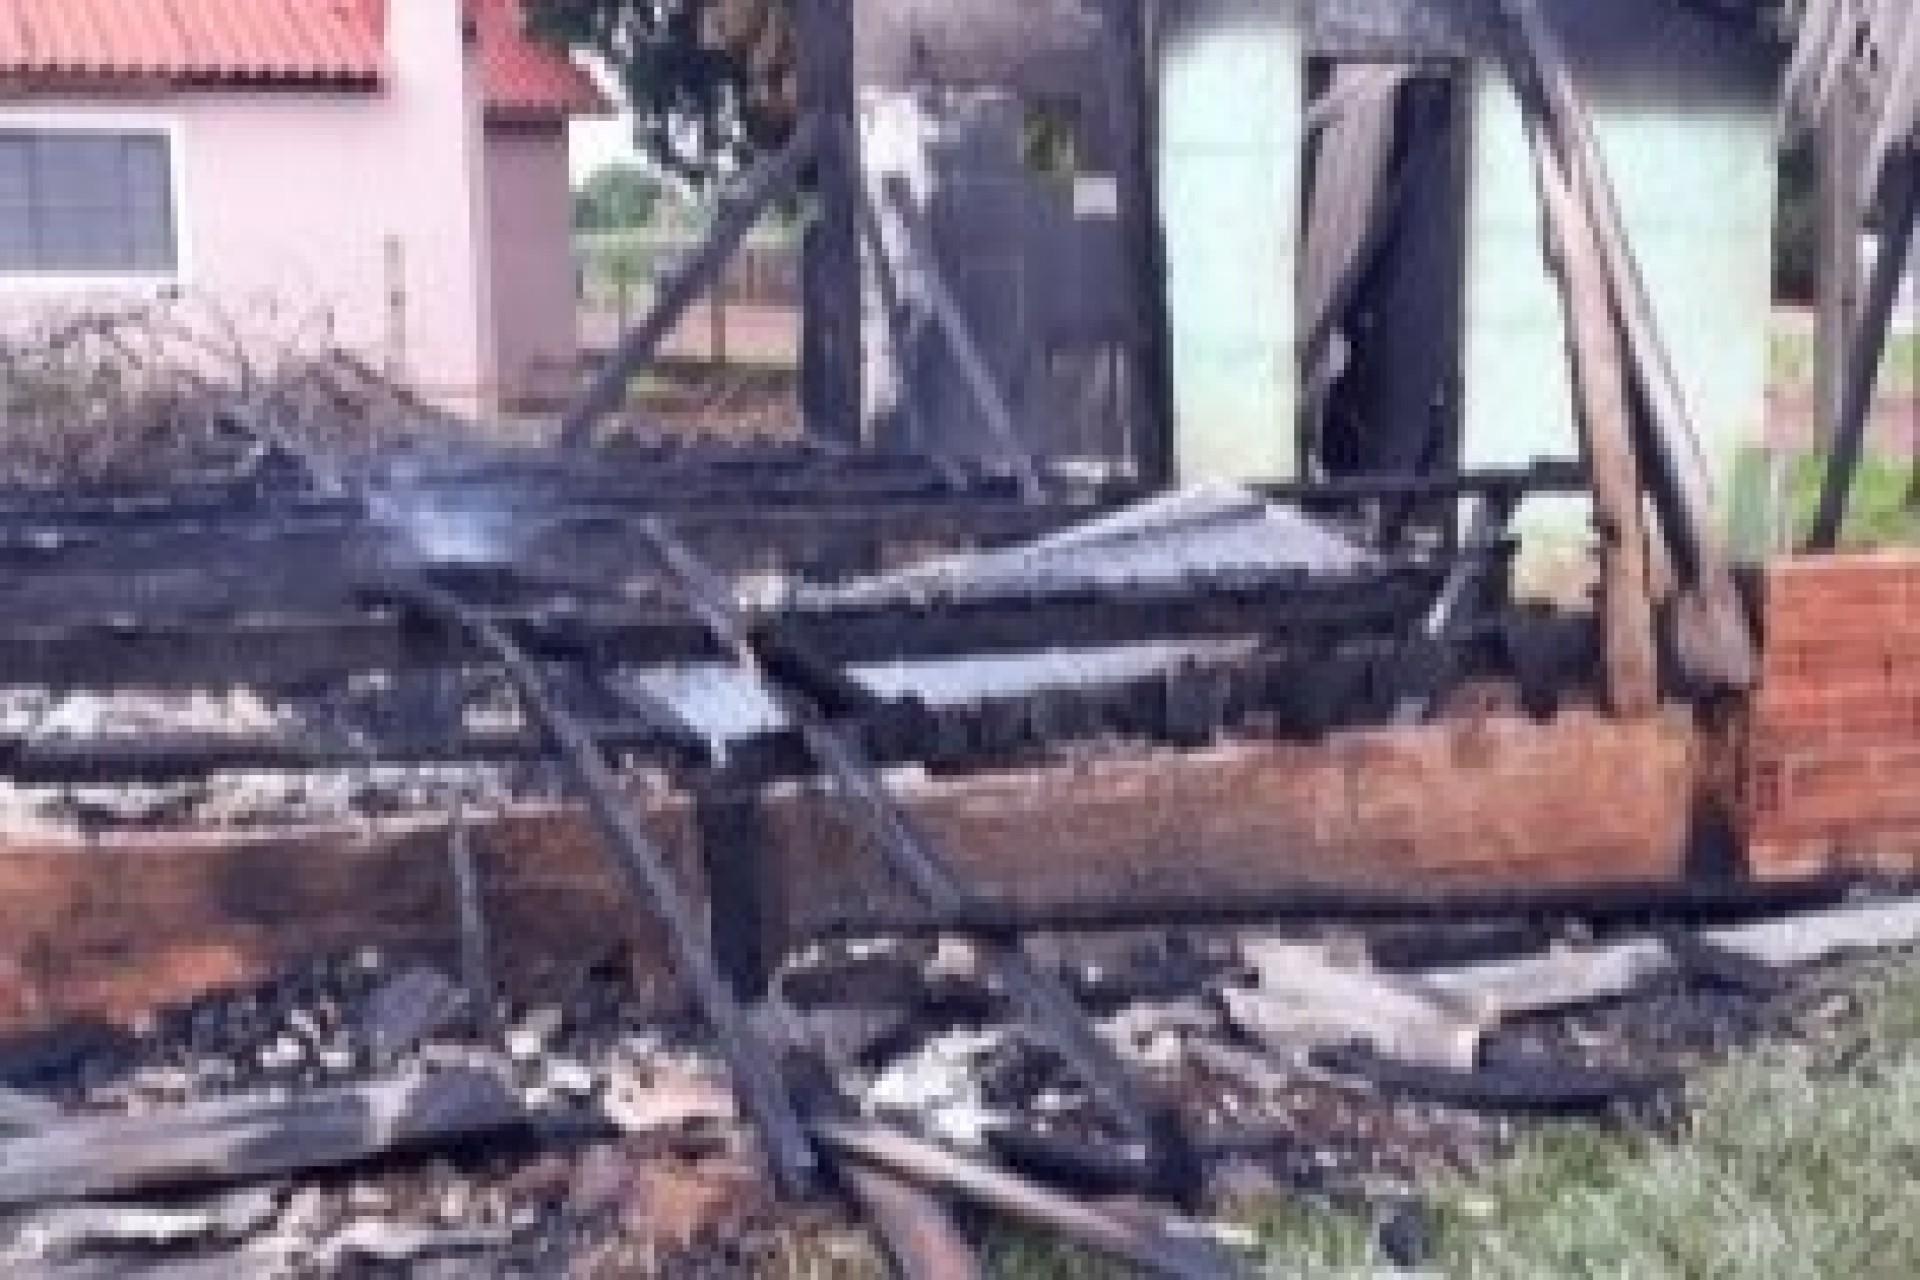 Casa fica destruída em incêndio no distrito de Santa Rosa do Ocoí em São Miguel